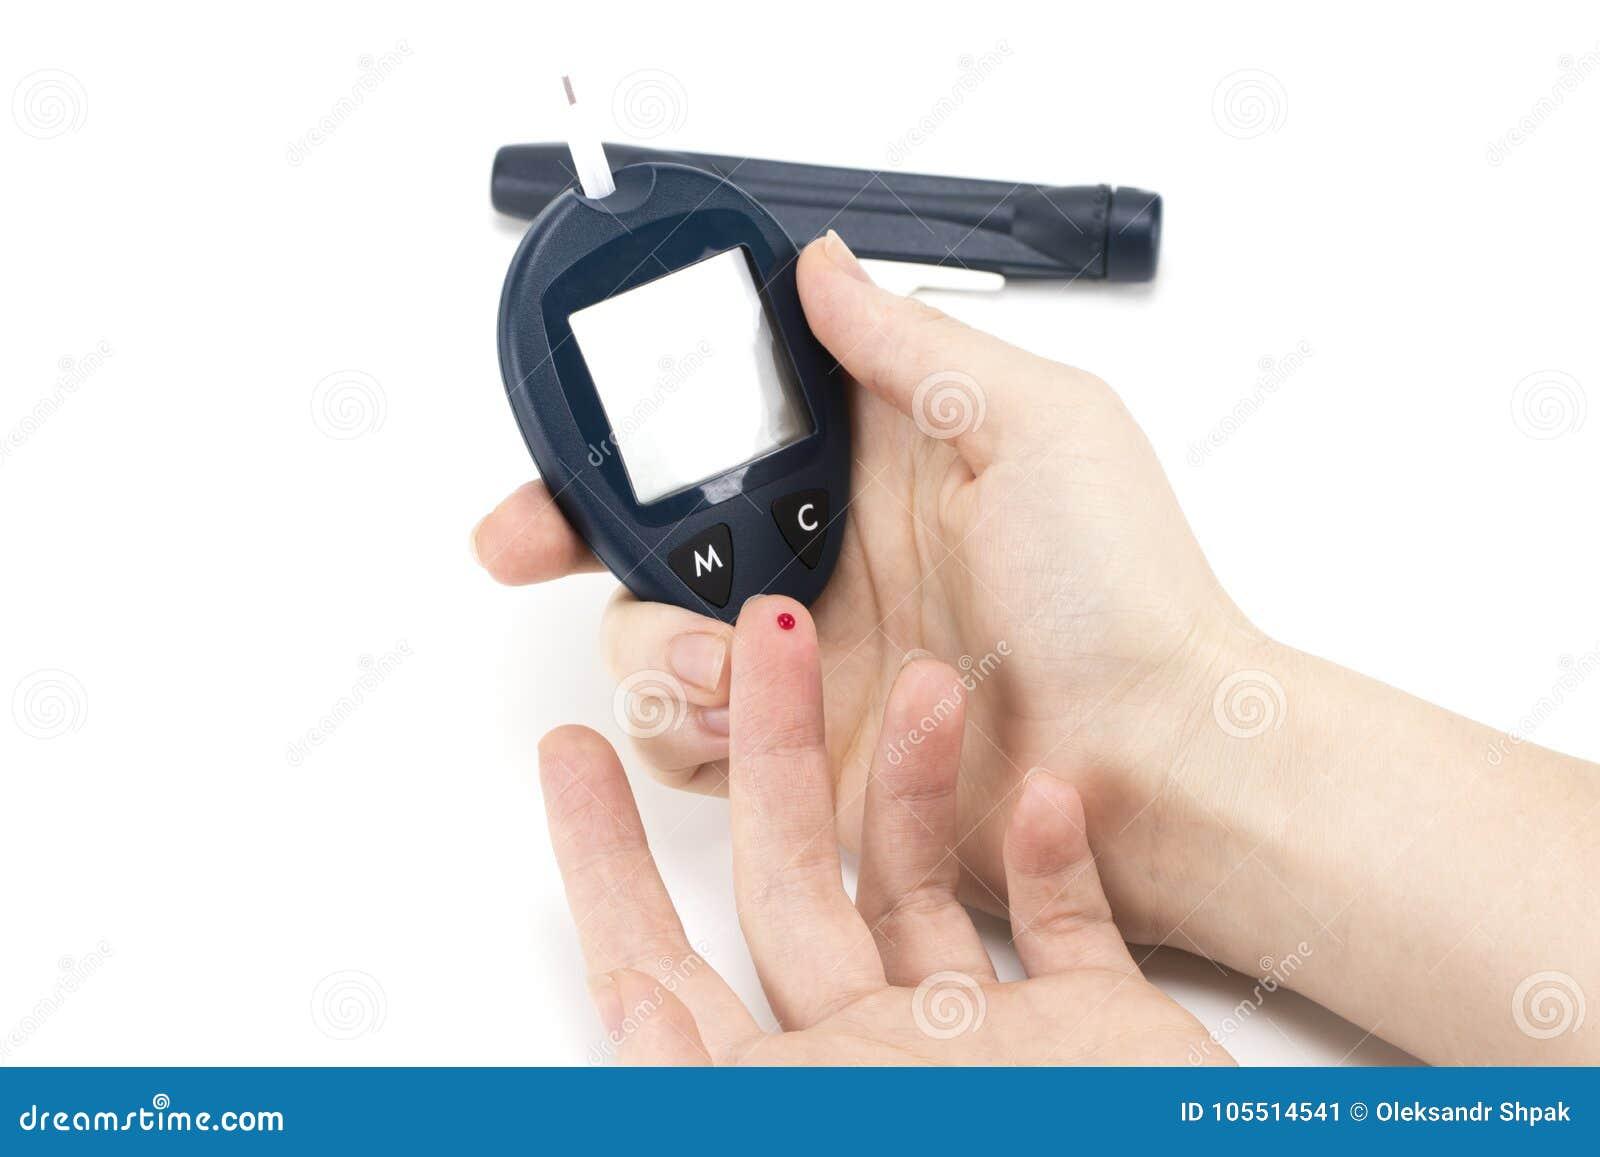 Κλείστε επάνω των χεριών γυναικών χρησιμοποιώντας το νυστέρι στο δάχτυλο για να ελέγξει το αίμα SU